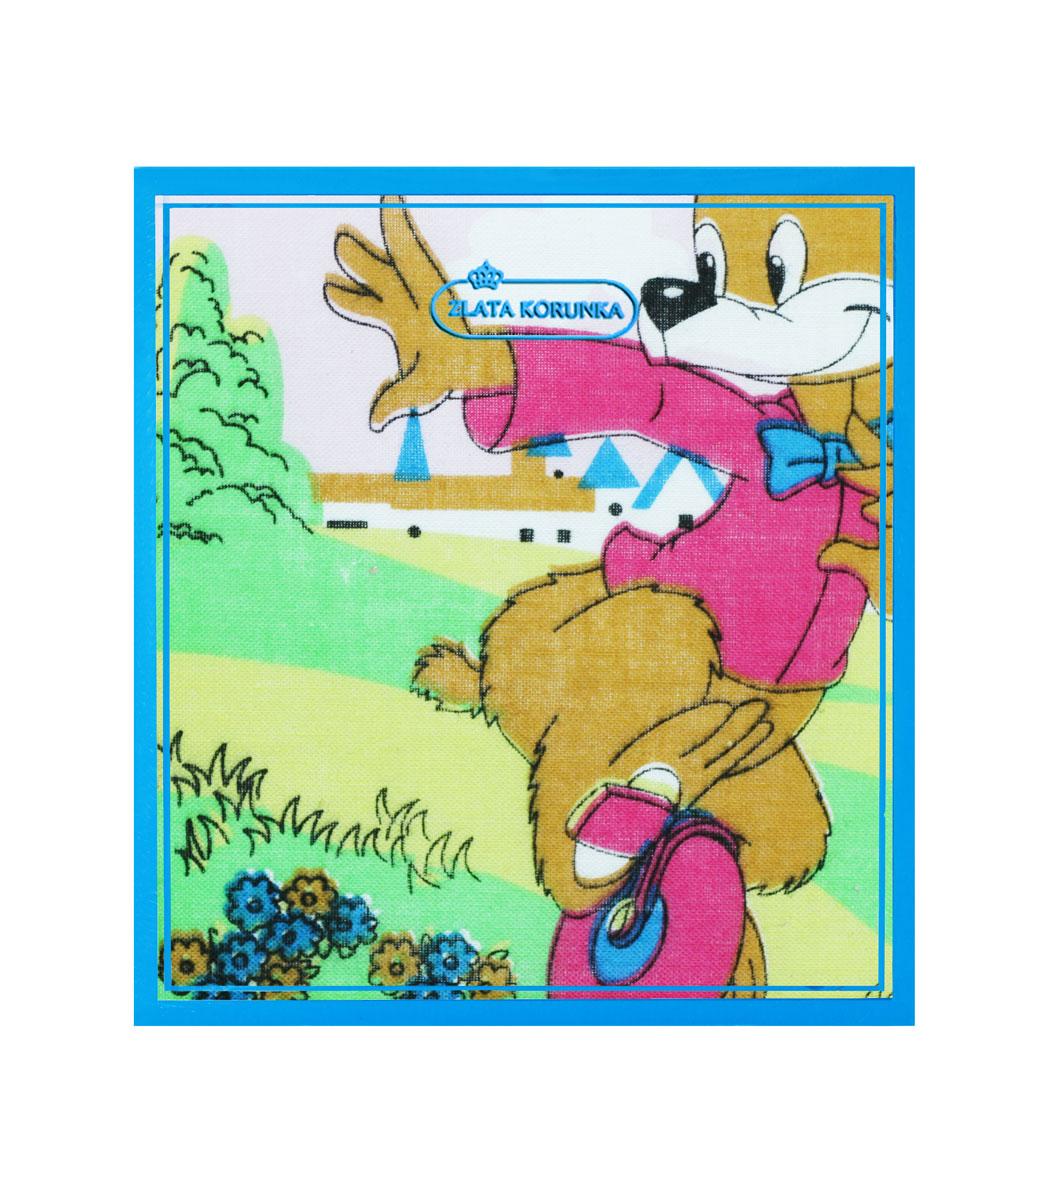 40230-13 Zlata Korunka Носовой платок детский, цвет: мультиколор, 21х21 см, 2 шт40230-13Платки носовые детские в упаковке по 2 шт. Носовые платки изготовлены из 100% хлопка, так как этот материал приятен в использовании, хорошо стирается, не садится, отлично впитывает влагу.